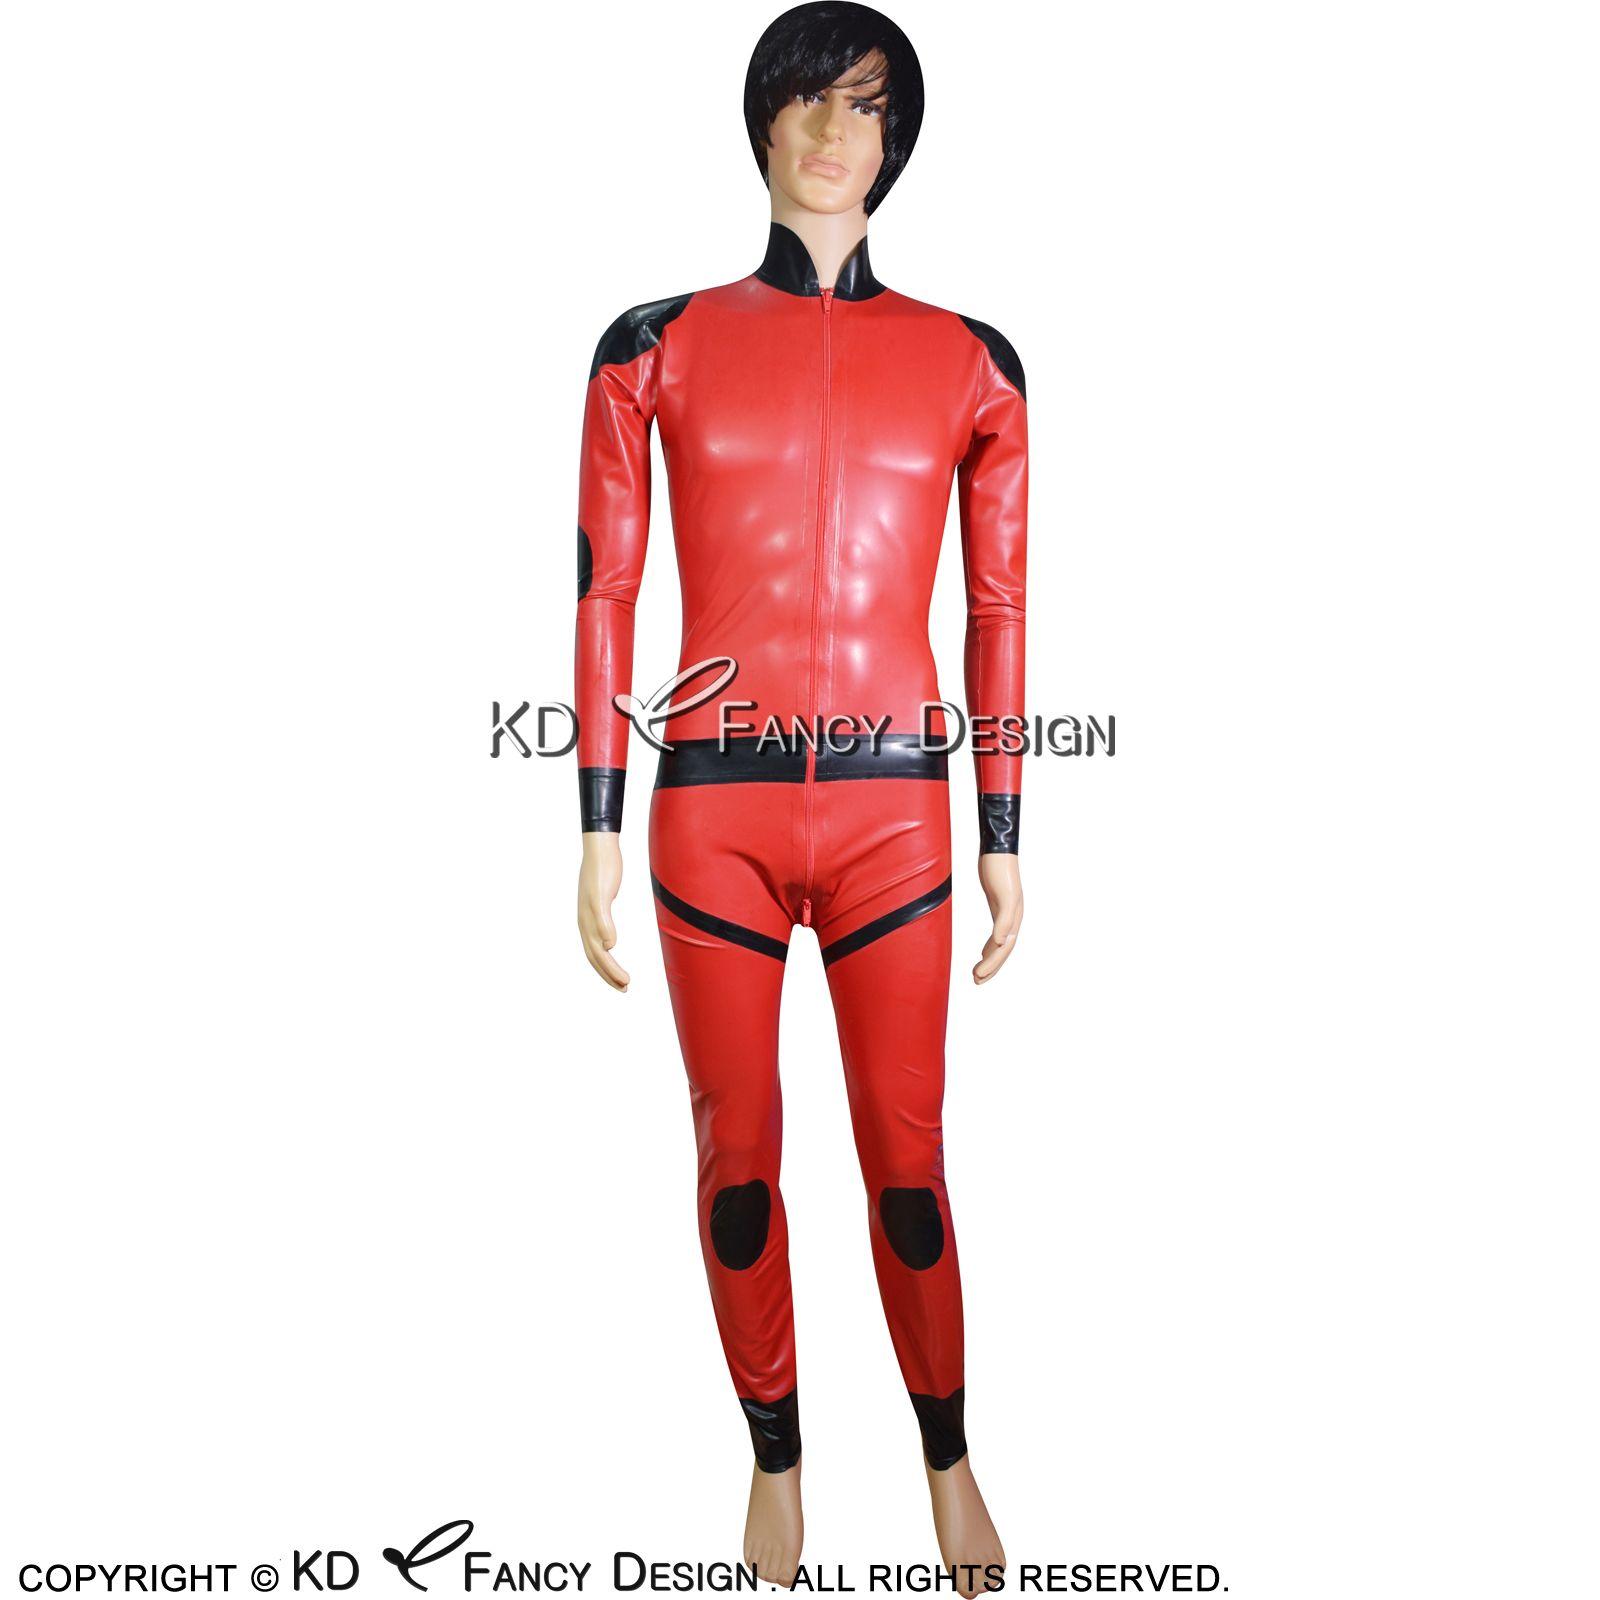 Черный с красным Sexy Latex Комбинезон с поддельными урезает пояса локтевых и коленных колодки Резиновые Bodysuit Zentai Полный костюм тела LTY-0154